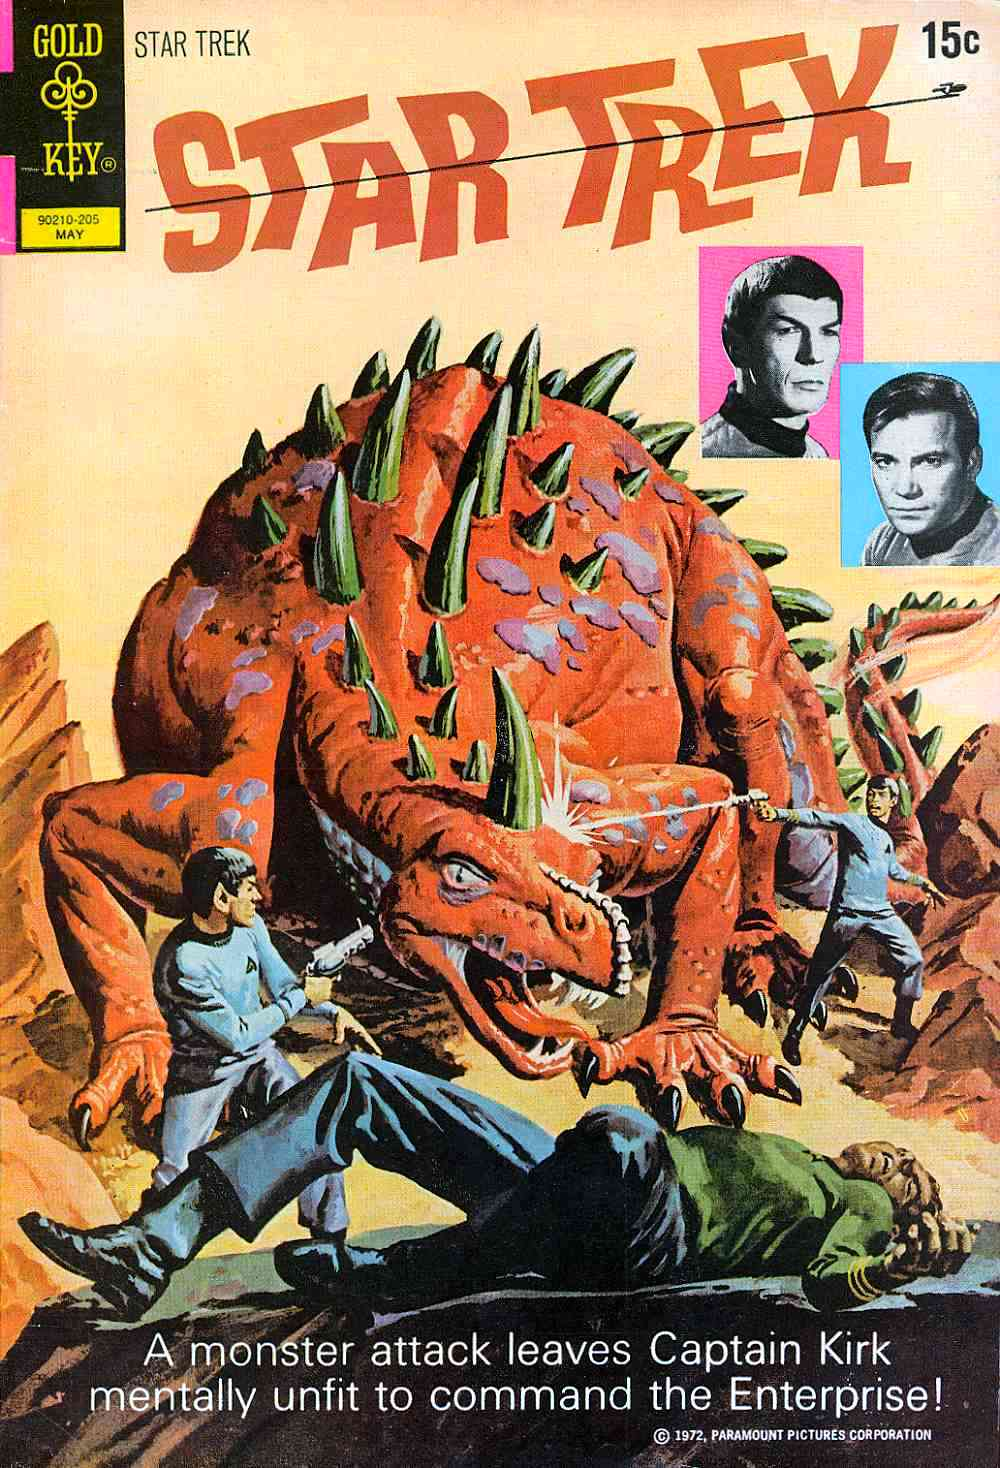 Star Trek (1967) issue 14 - Page 1